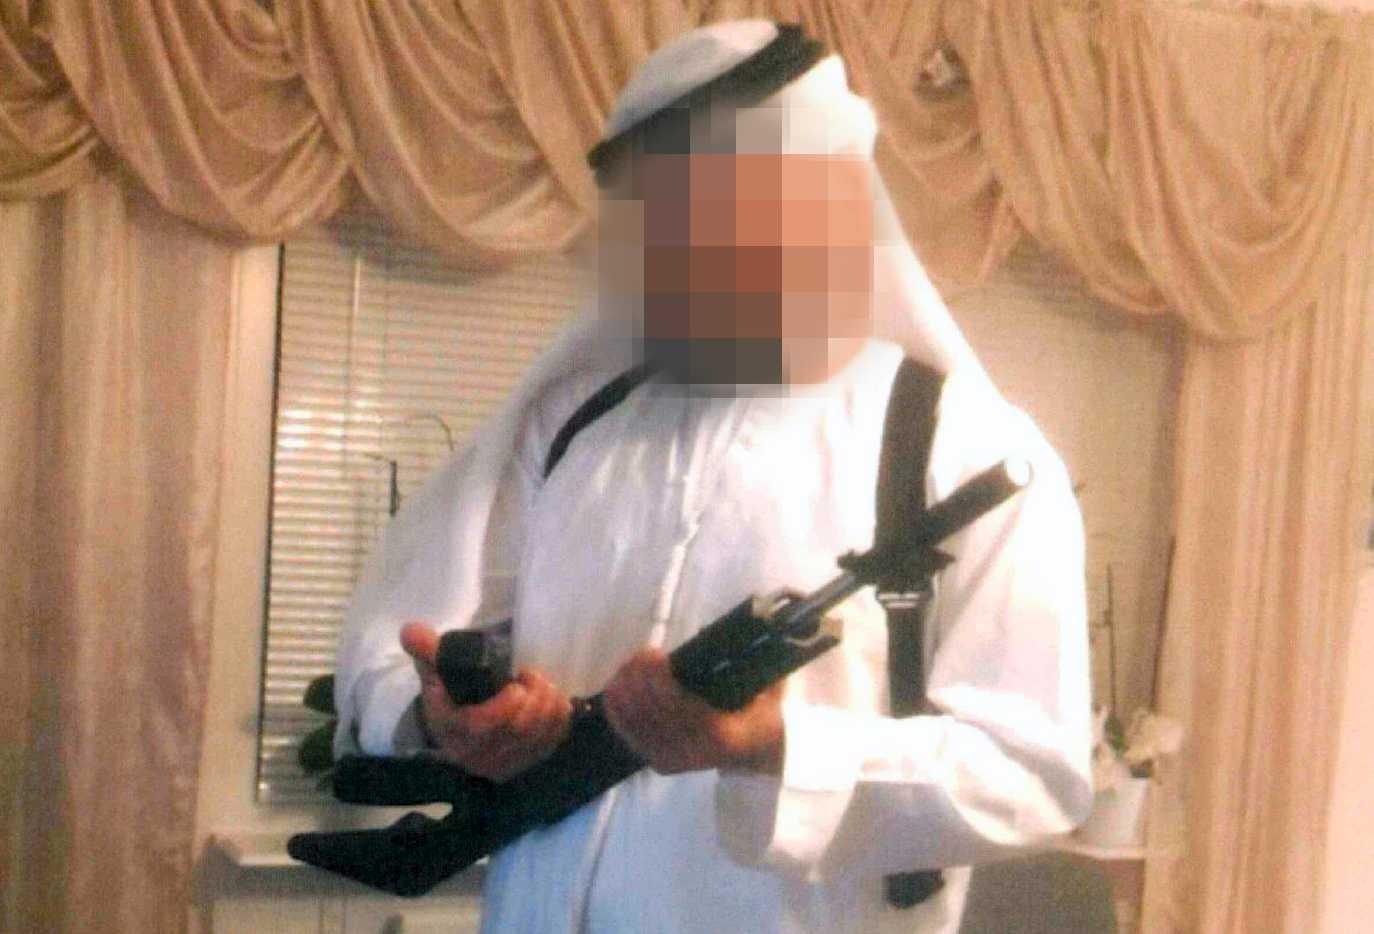 Halas make var vapenintresserad och satte upp övervakningskameror i lägenheten, enligt polisens förundersökning.